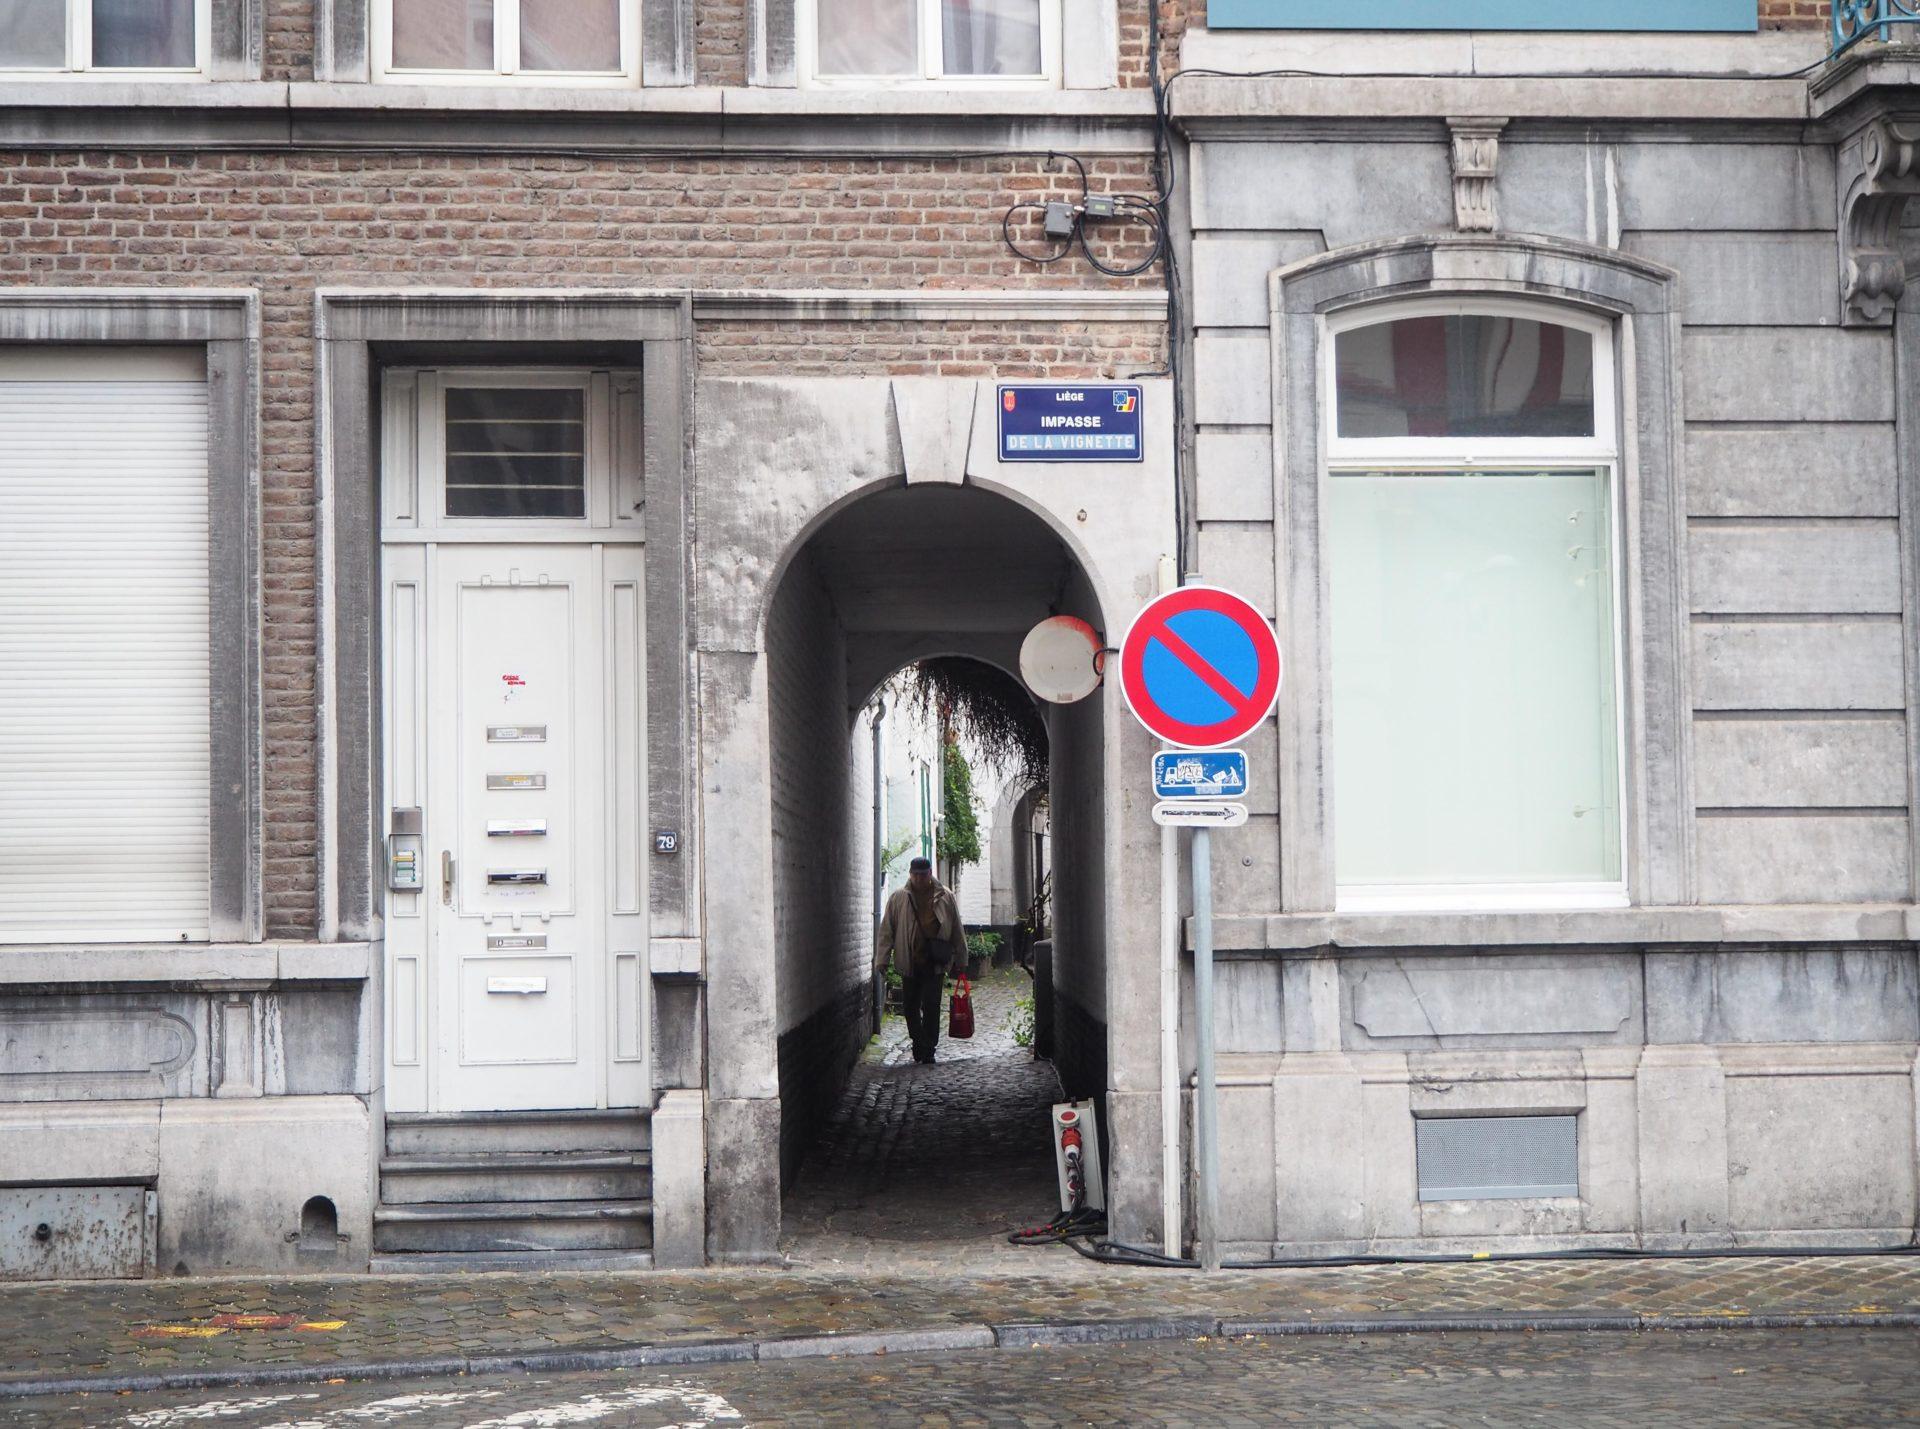 Les impasses près de la rue Hors-Château - Visiter Liège en Belgique en mode slow - Que faire et que visiter à Liège? - Adresses slow et gourmandes à Liège - Informations pratiques pour visiter Liège et en tomber amoureuse en quelques instants!